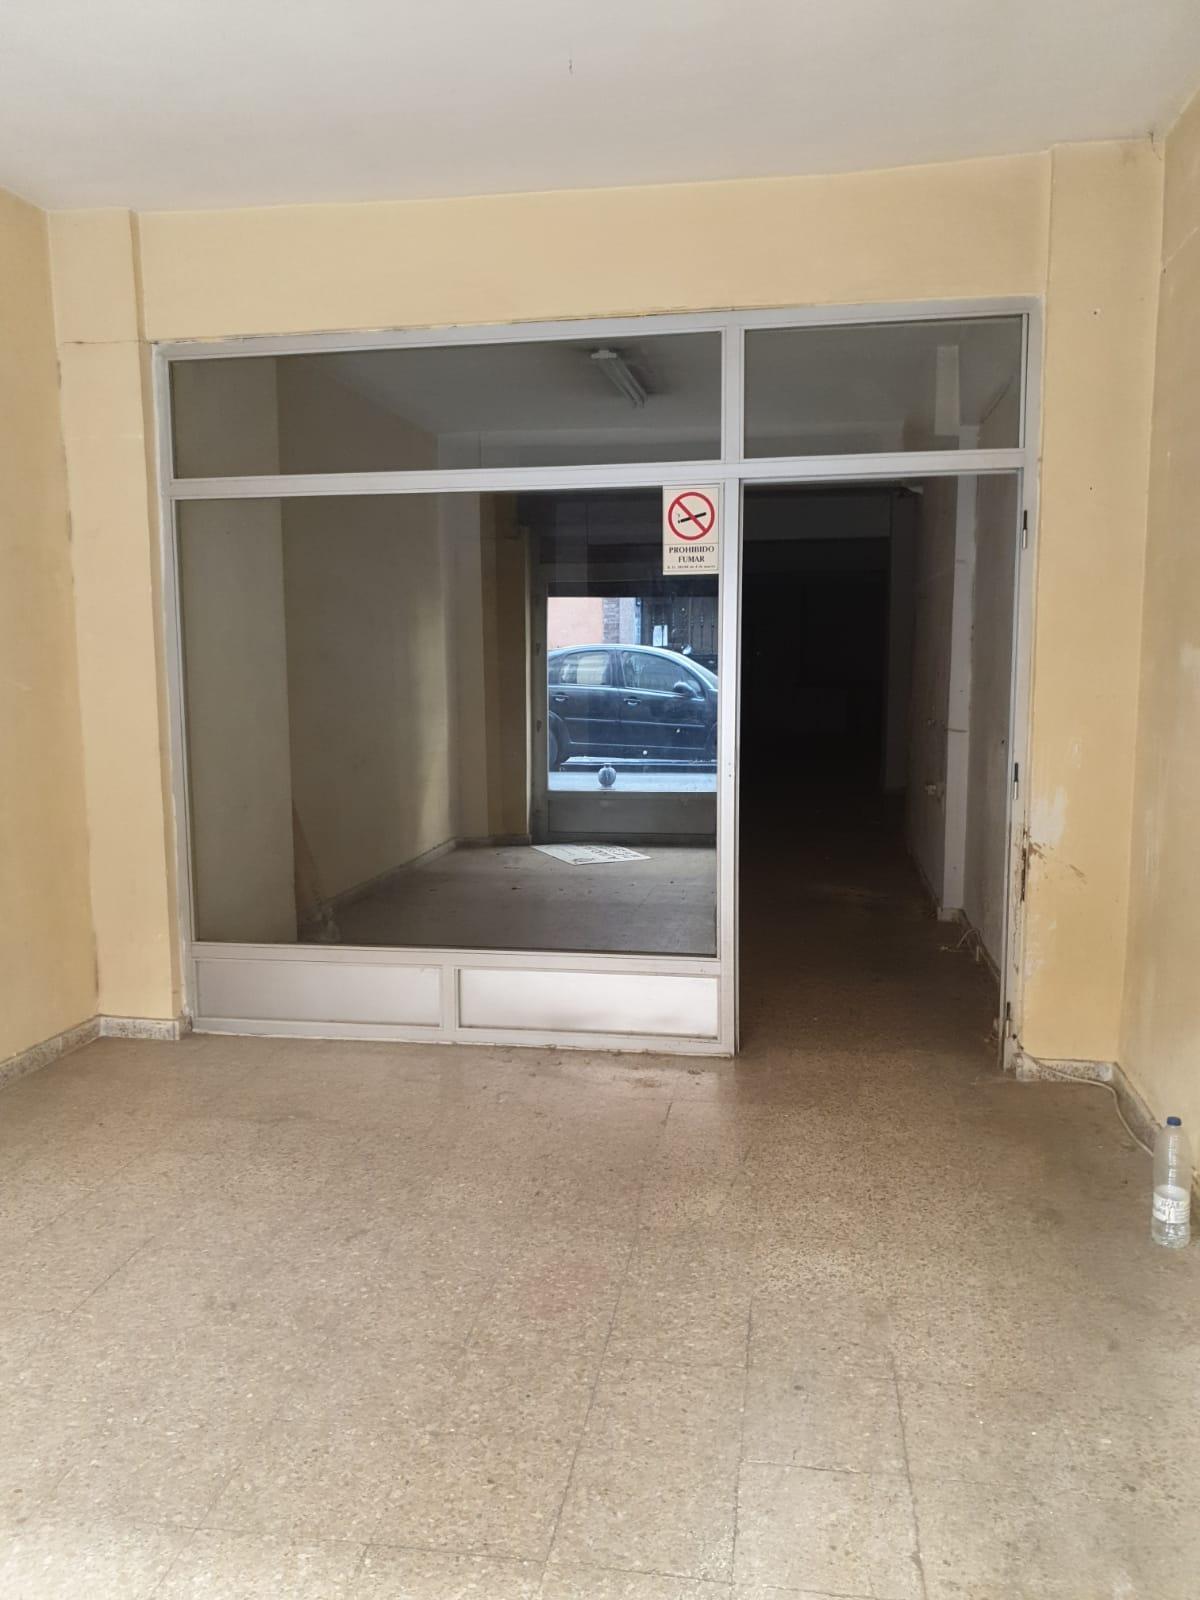 Local en alquiler en Centro-Sagrario (Granada), 800 €/mes